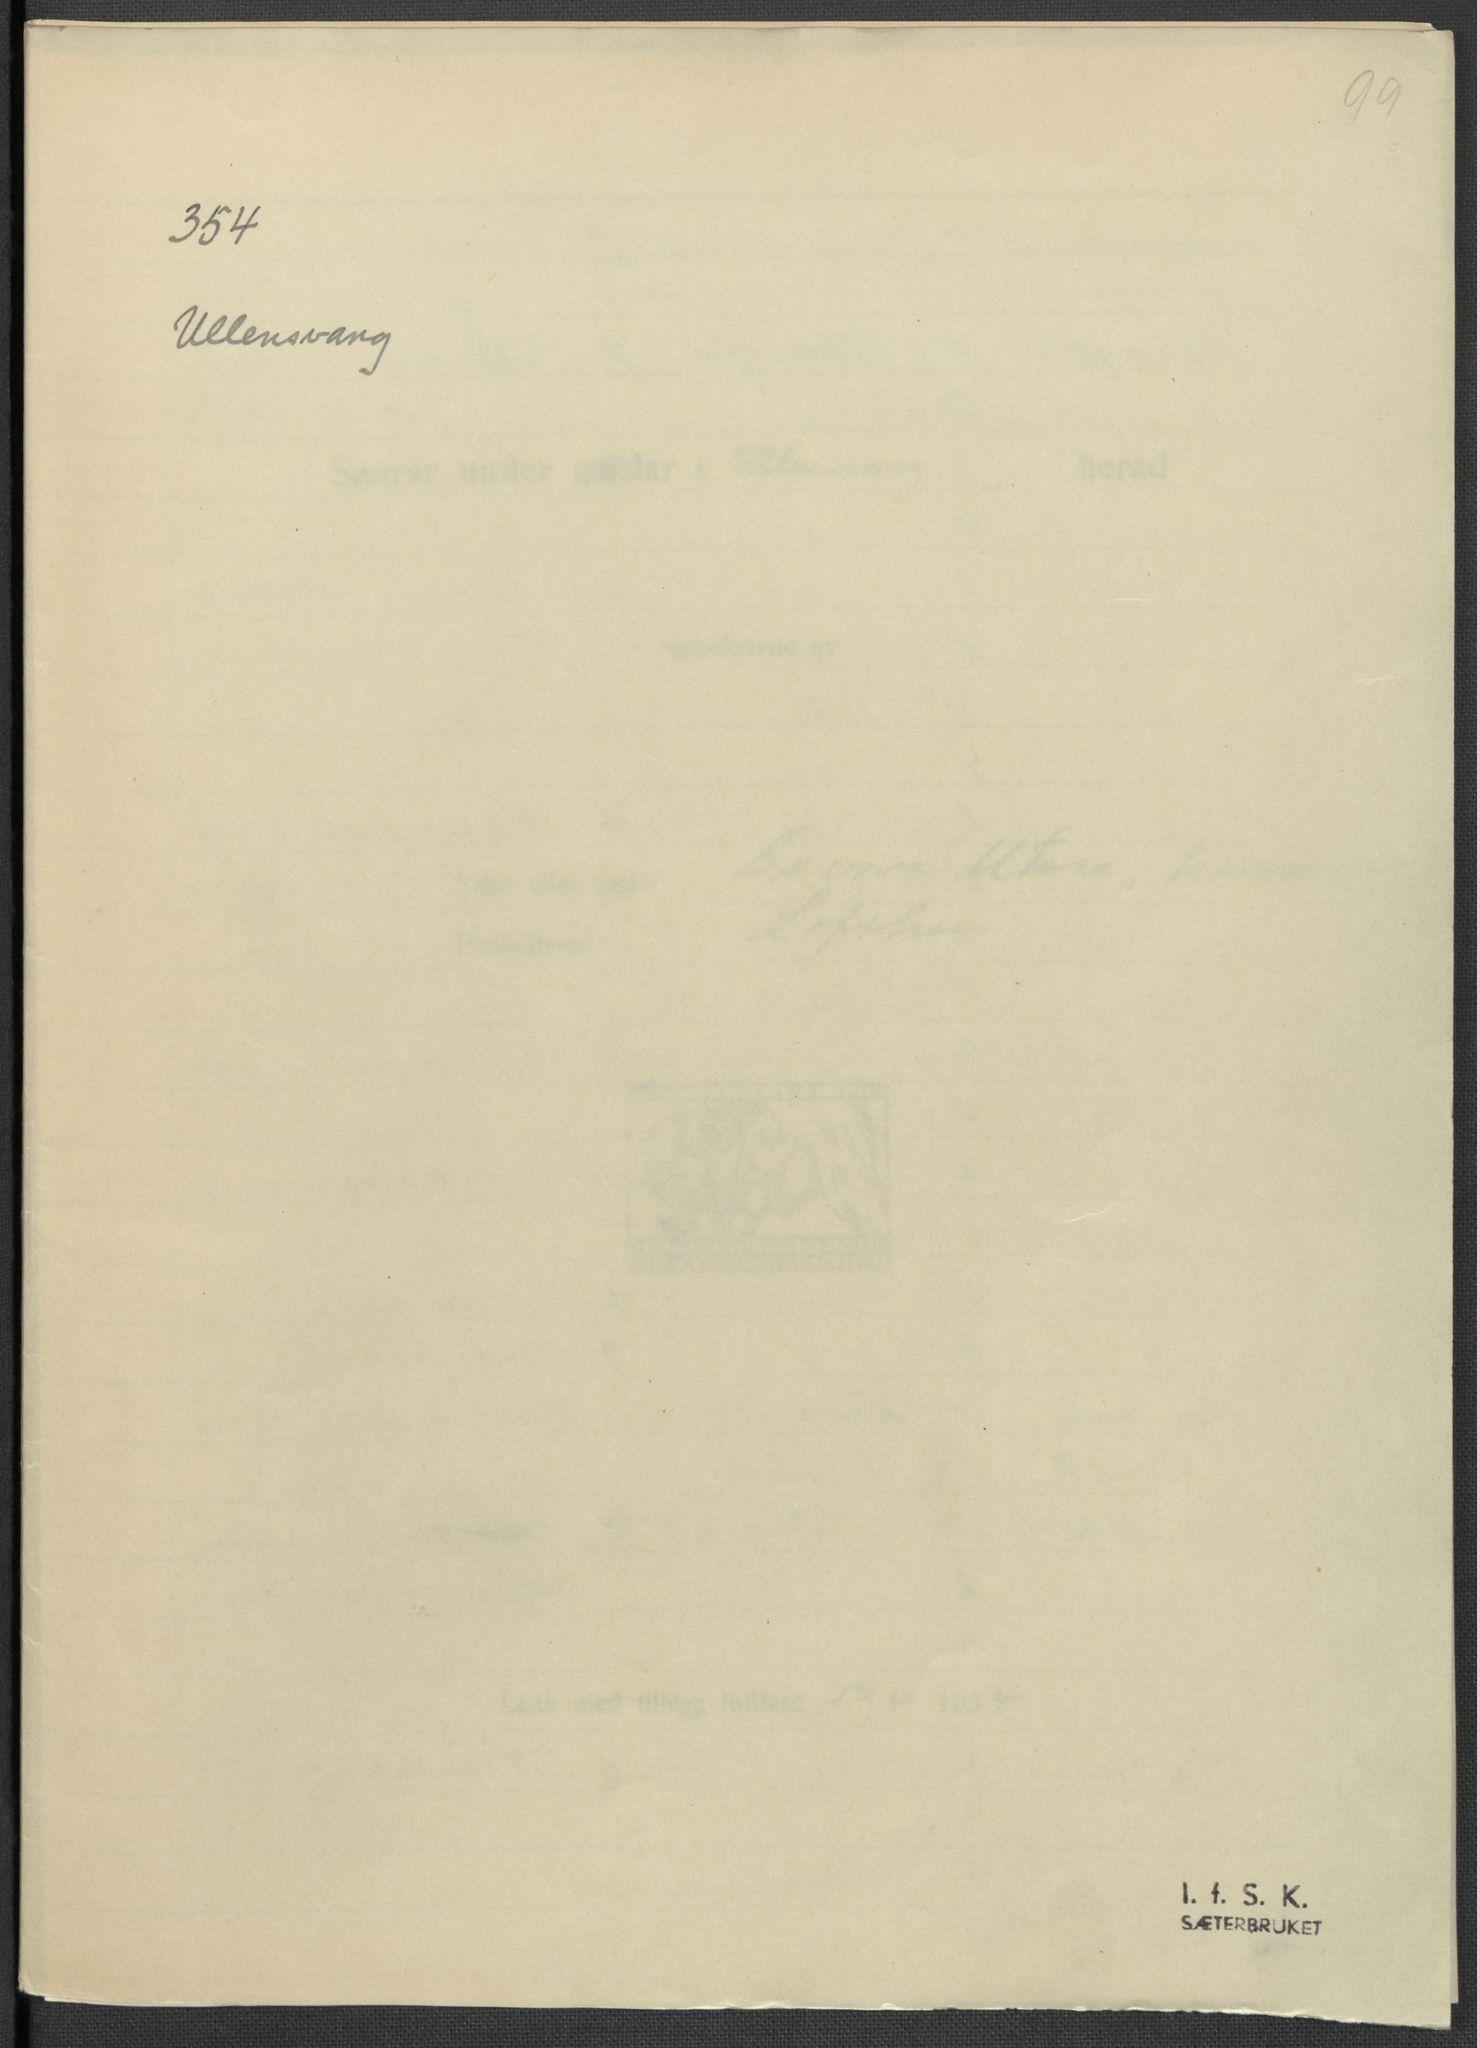 RA, Instituttet for sammenlignende kulturforskning, F/Fc/L0010: Eske B10:, 1932-1935, s. 99